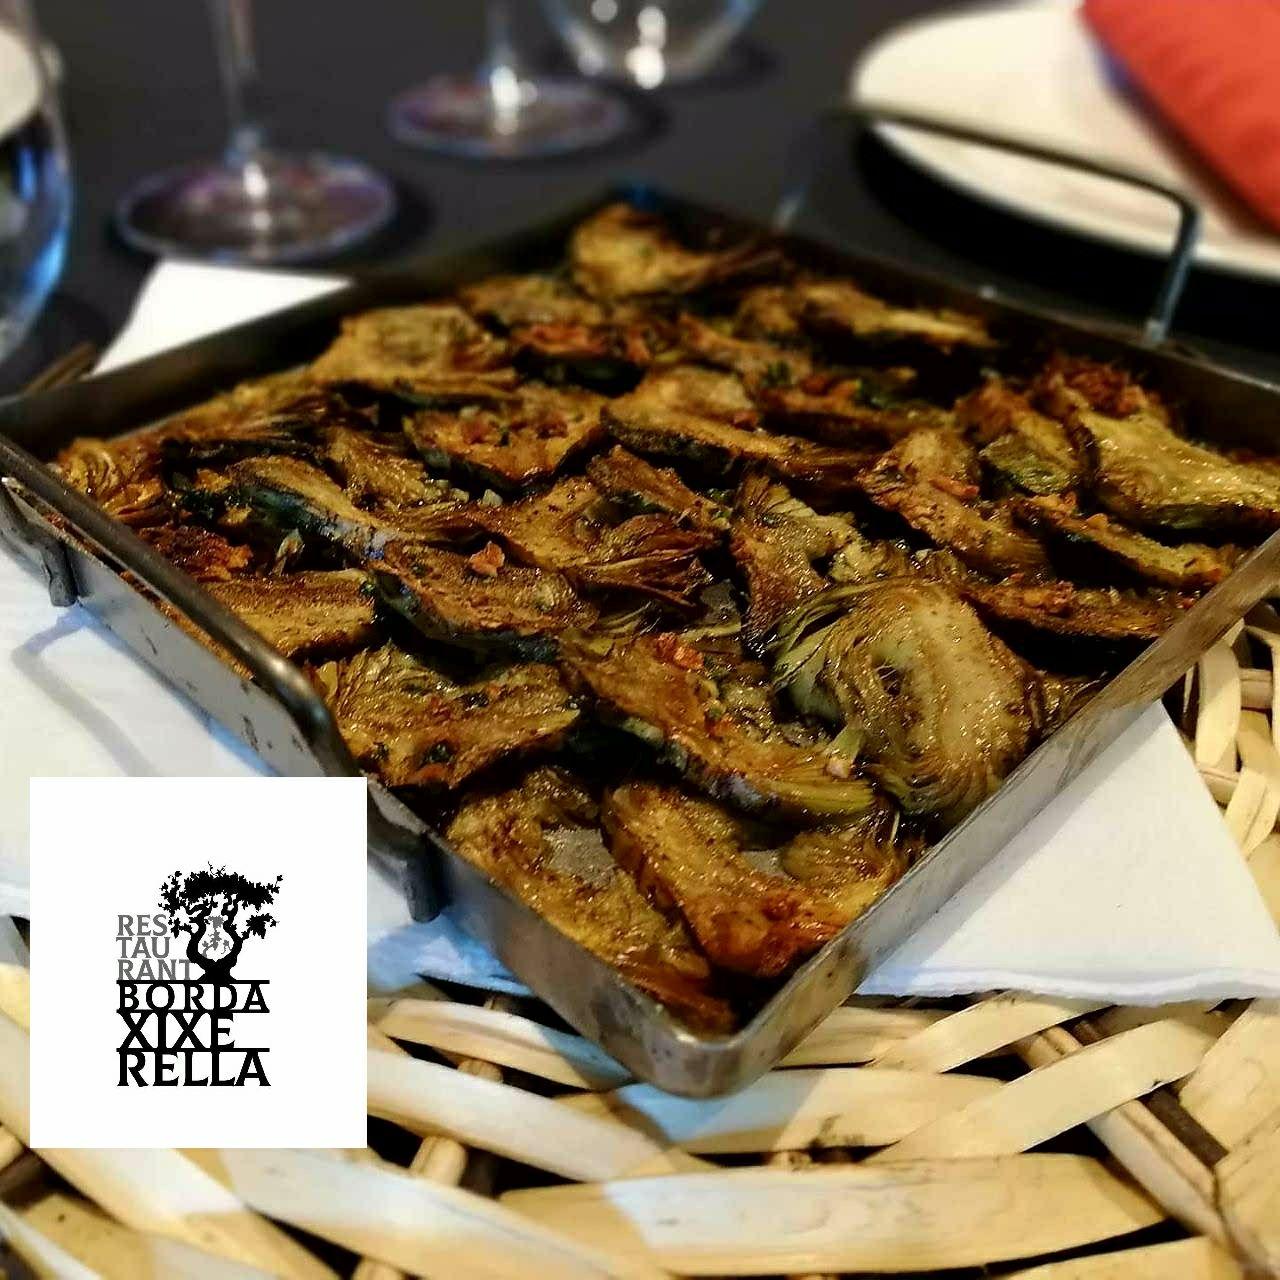 Bordes típiques Andorranes, Restaurant Borda típica Andorrana. La tradició i la gastronomia s'uneixen per oferir-vos un servei de qualitat i una exquisida cuina de muntanya. Visiteu les bordes d'Andorra, i en especial la Borda Xixerella i tasteu els plats més típics i tradicionals de la gastronomia Andorrana. Restaurant de cuina Andorrana, Mediterrània, Internacional i Espanyola plats elaborats amb el saber fer de les antigues receptes de la millor cuina de muntanya.Restaurant Borda Xixerella borda amb cuina de proximitat, mediterrania i de muntanya